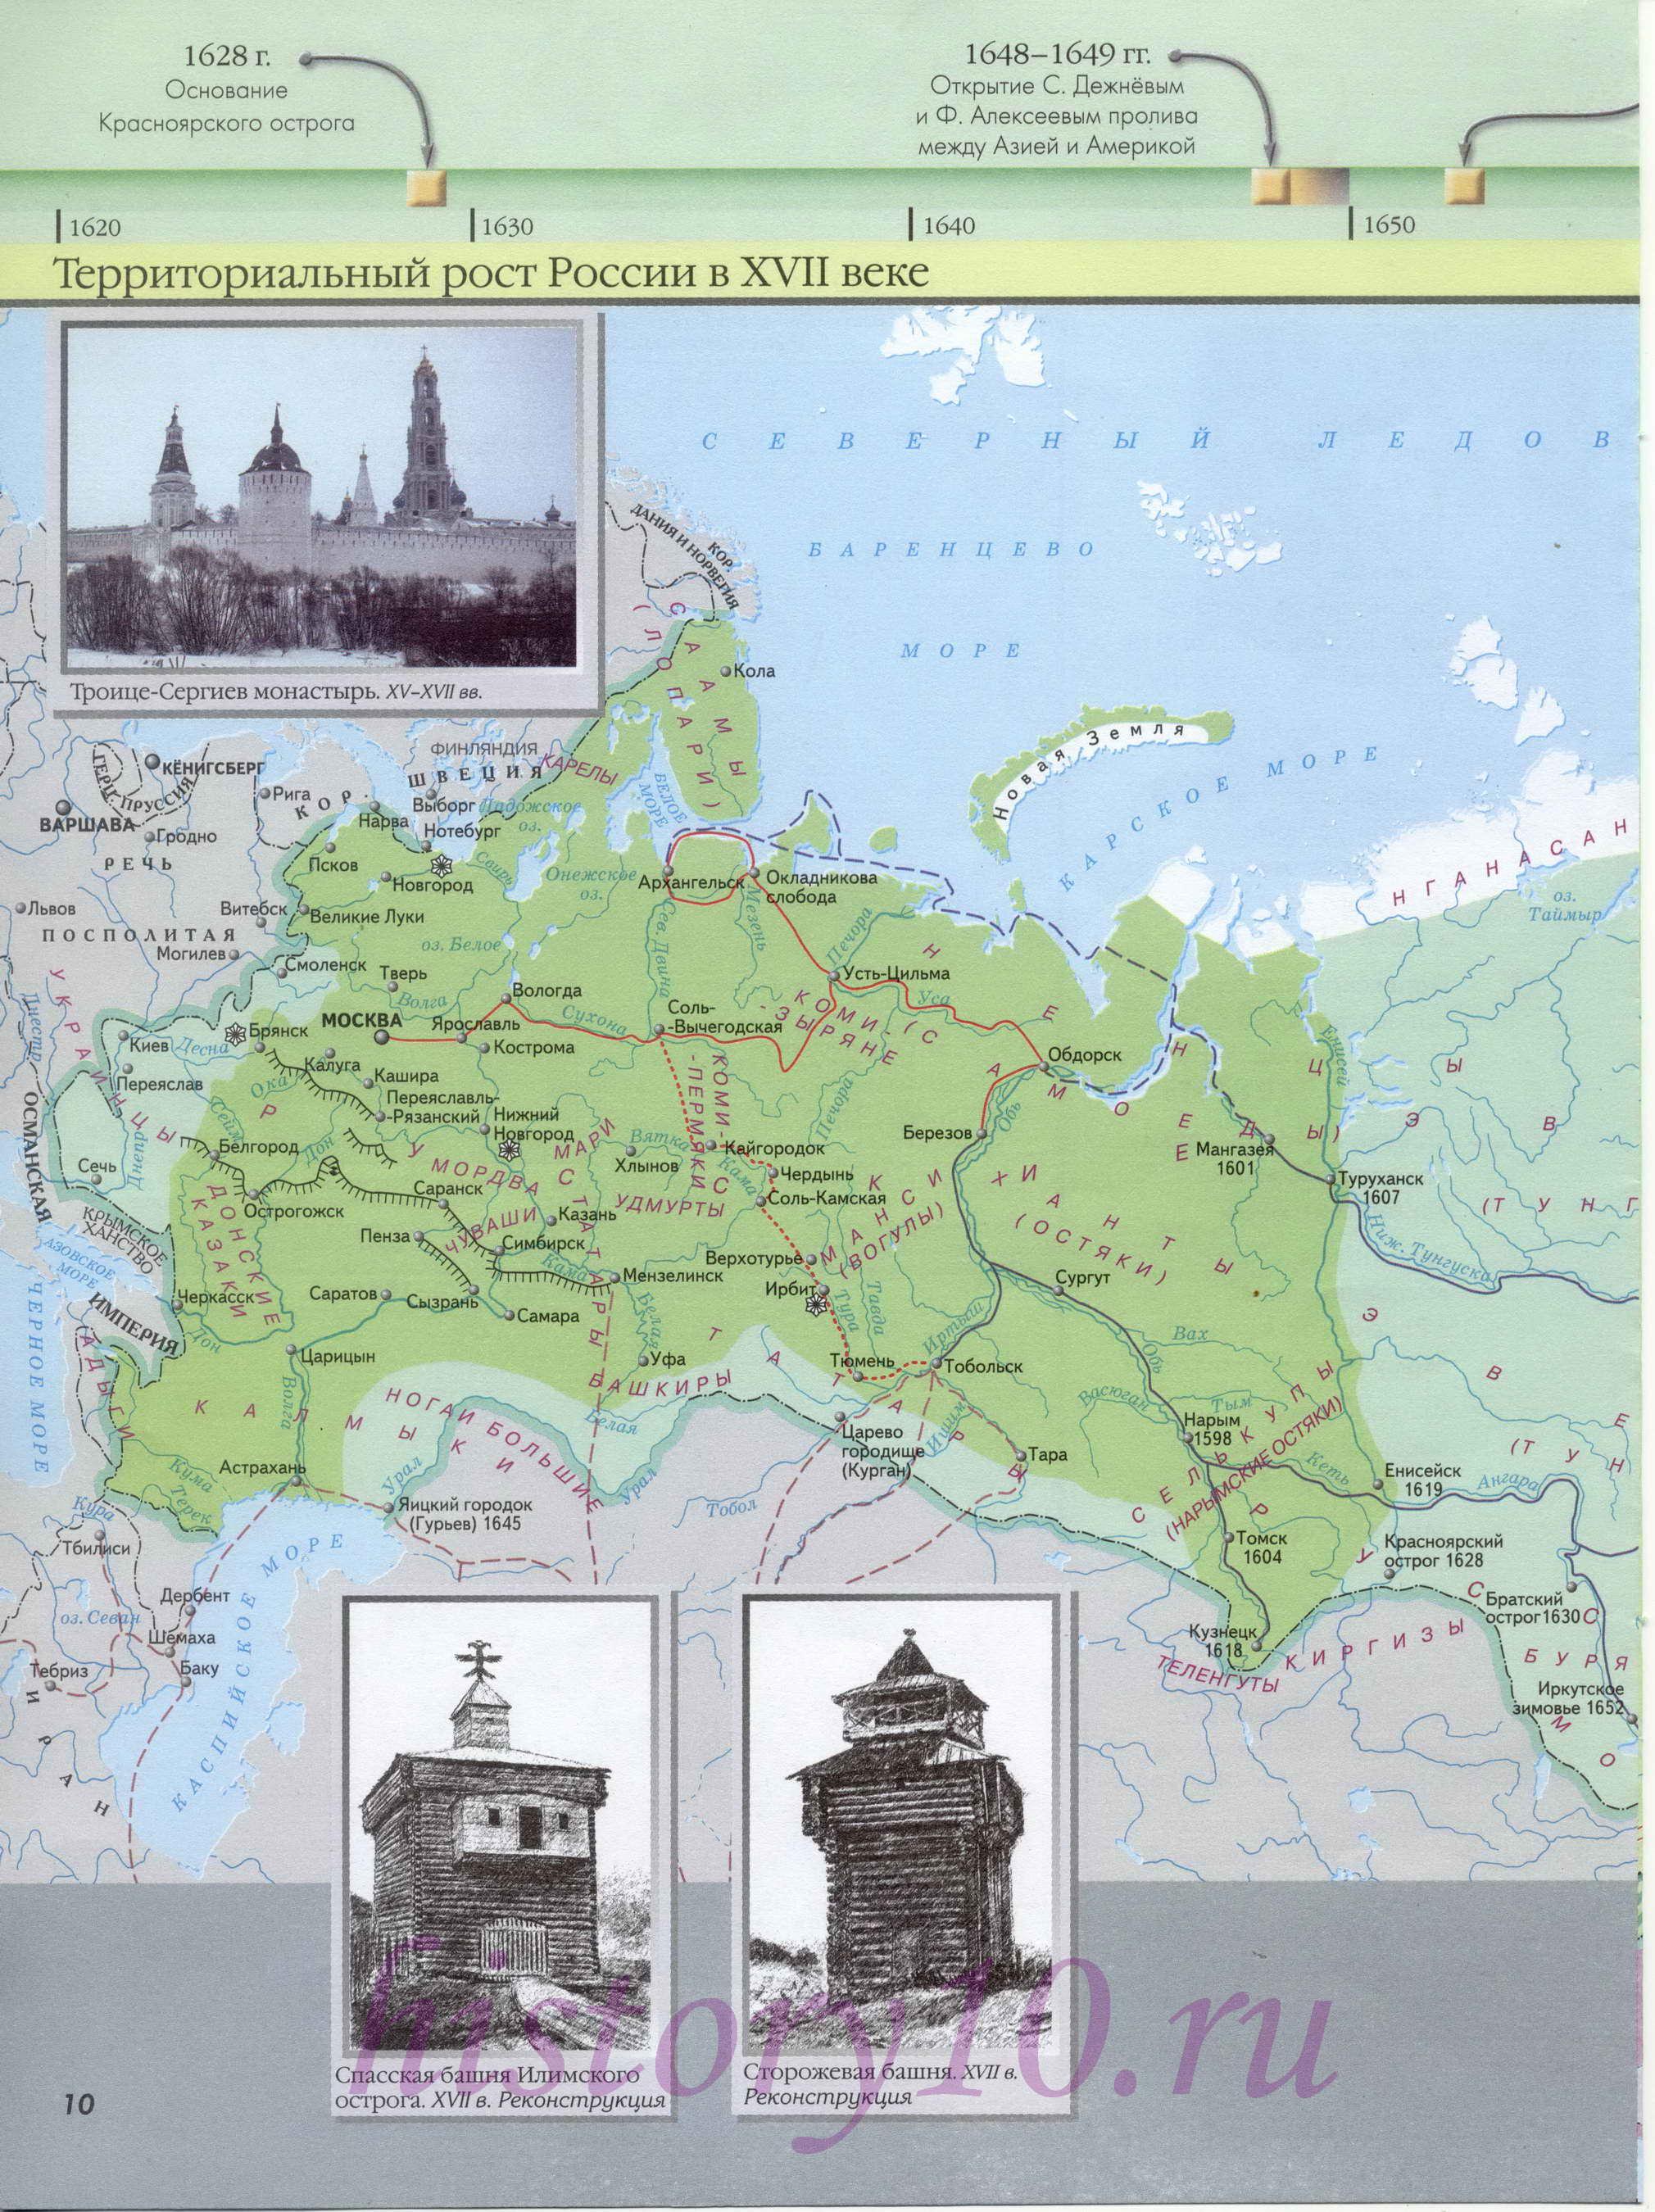 Территориальный рост России в 17 веке.  Карта территории Российского государства в 1689 году.